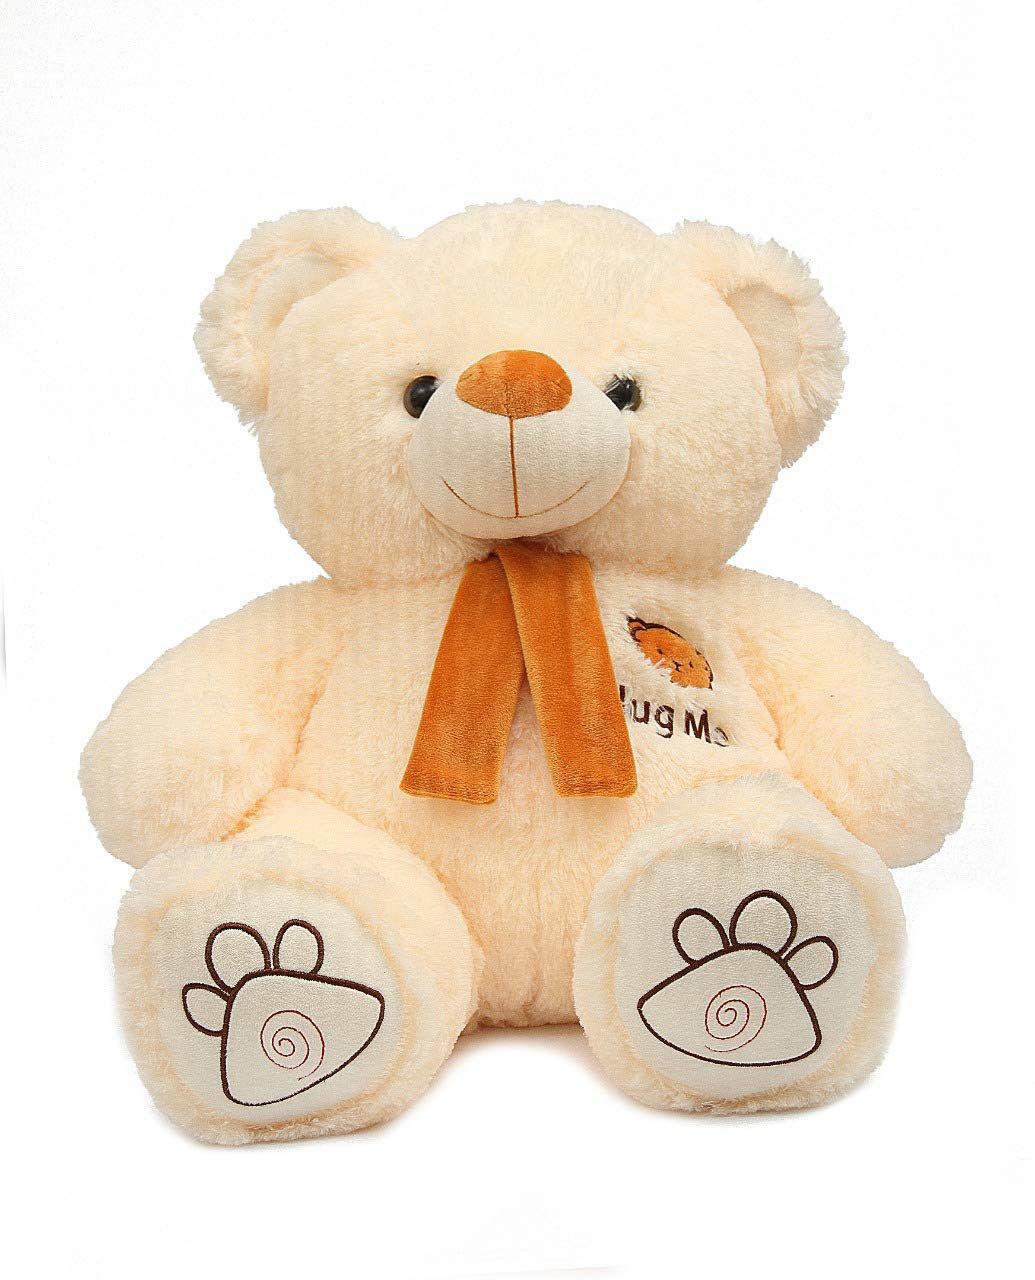 Munich Teddy Bear-Cream